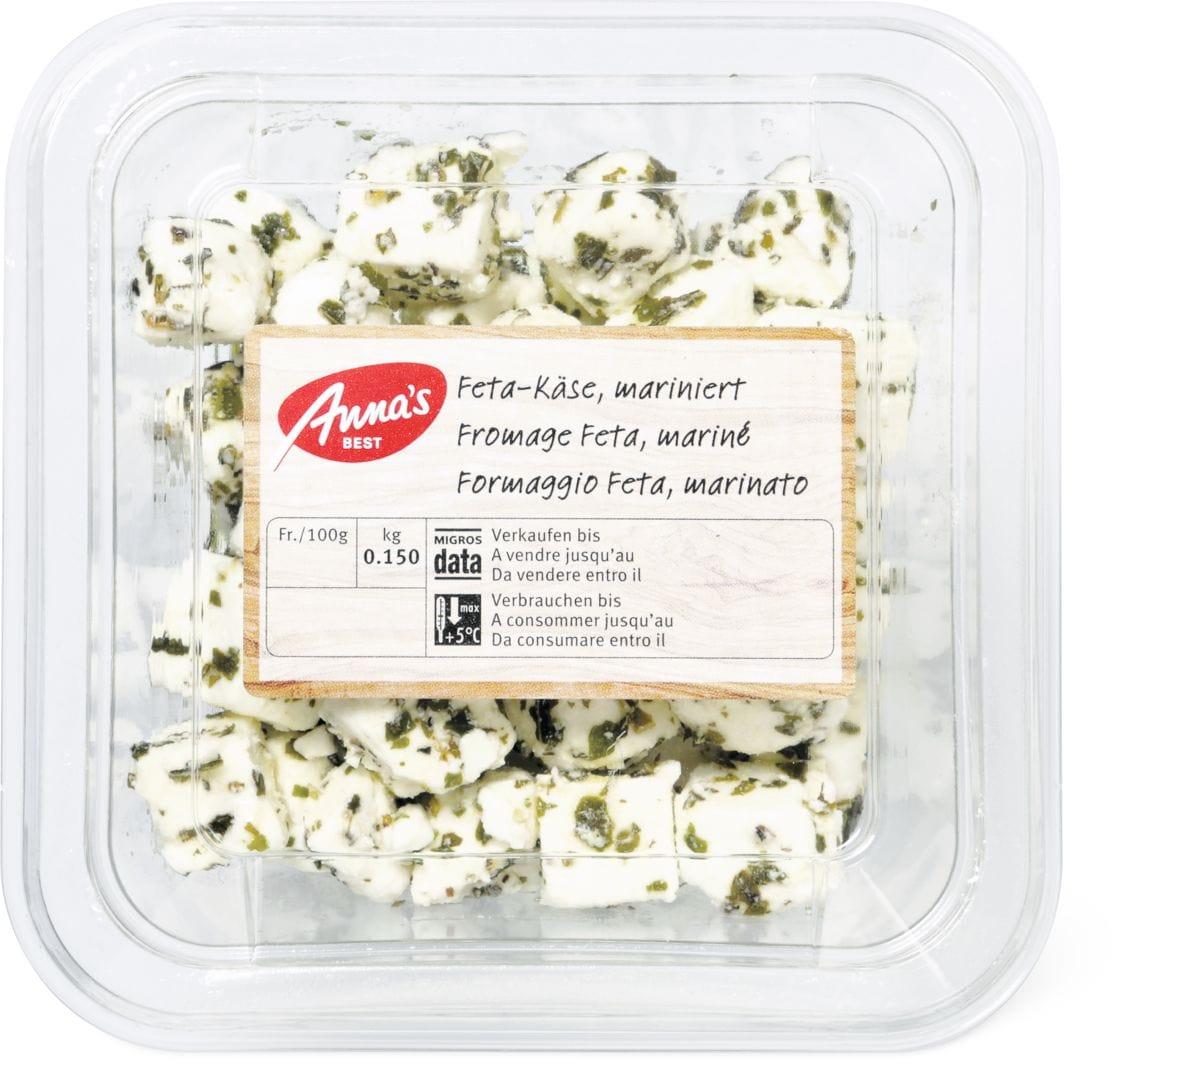 Anna's Best Feta Käse mariniert